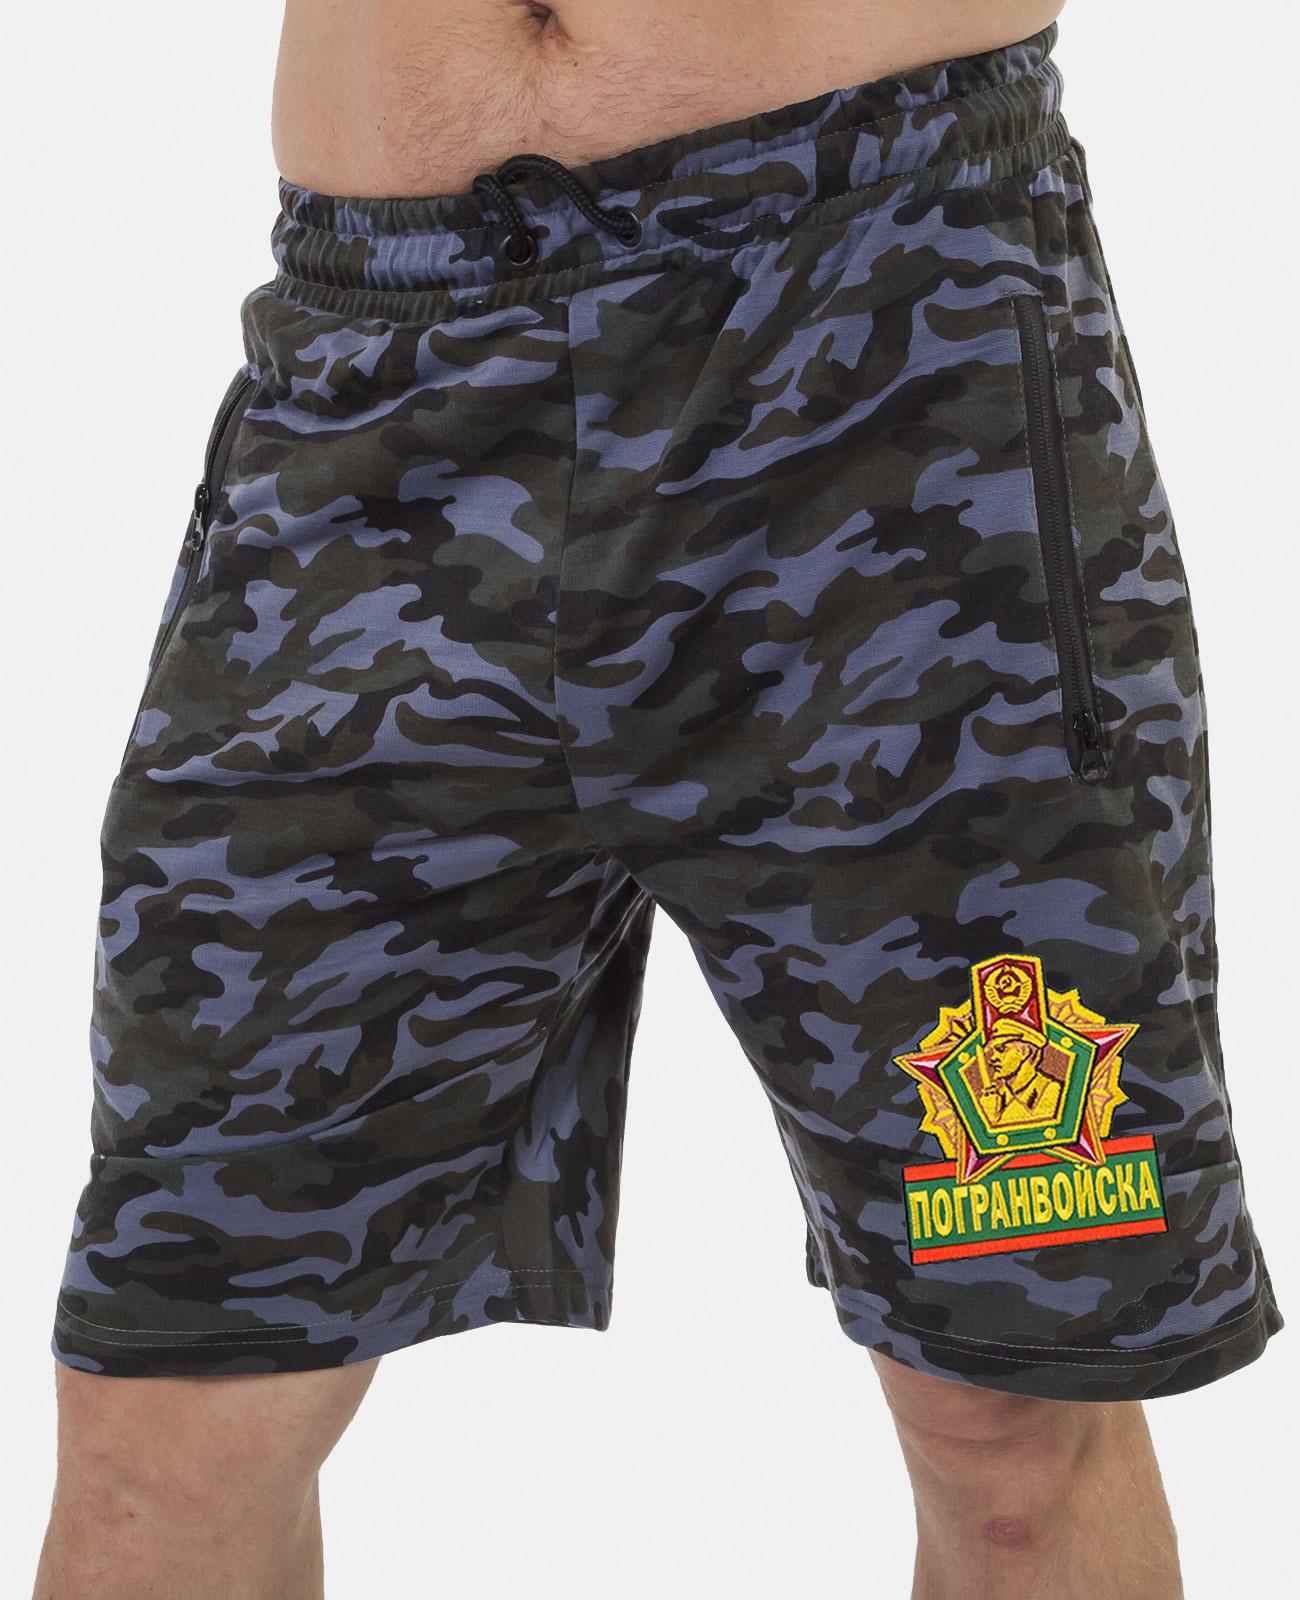 Купить мужские армейские шорты с нашивкой Погранвойска в подарок мужу